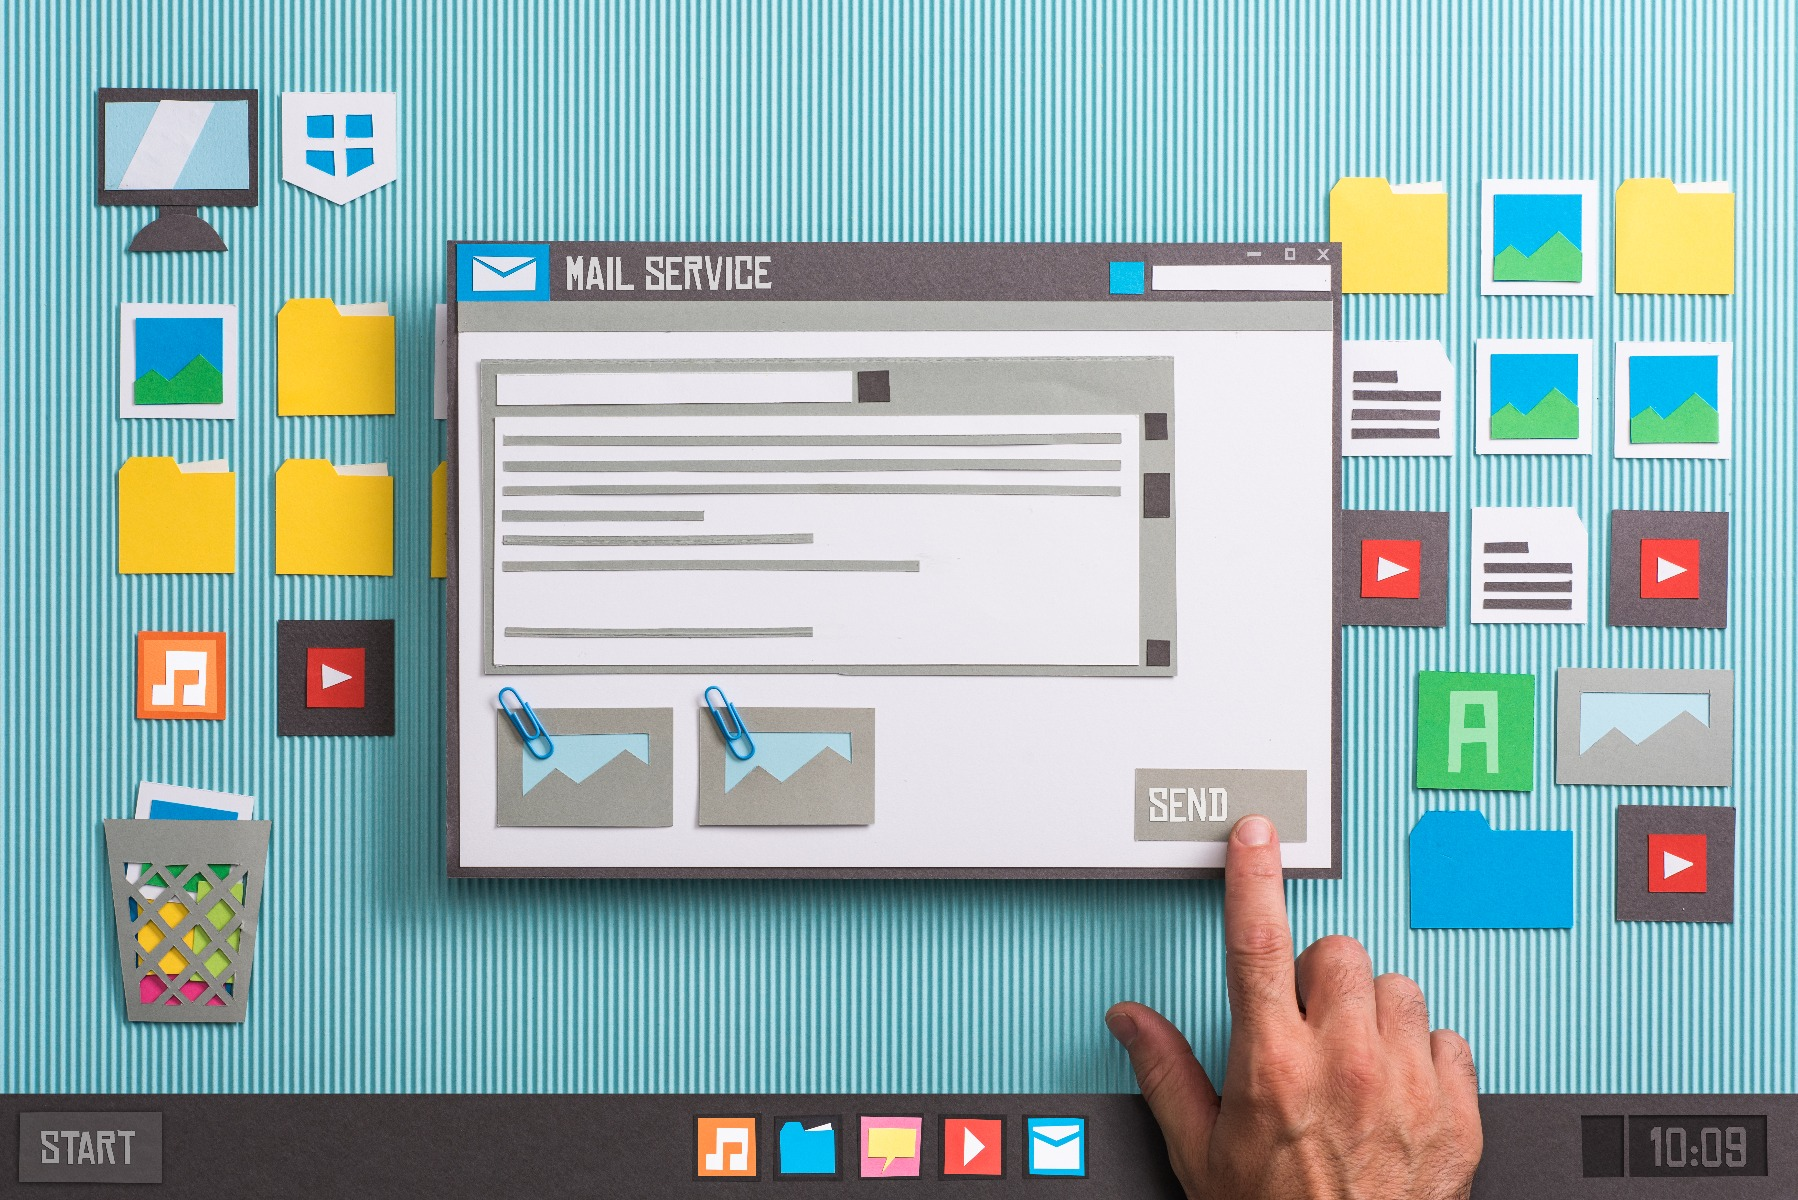 Cuestiones básicas de seguridad en el uso del correo electrónico